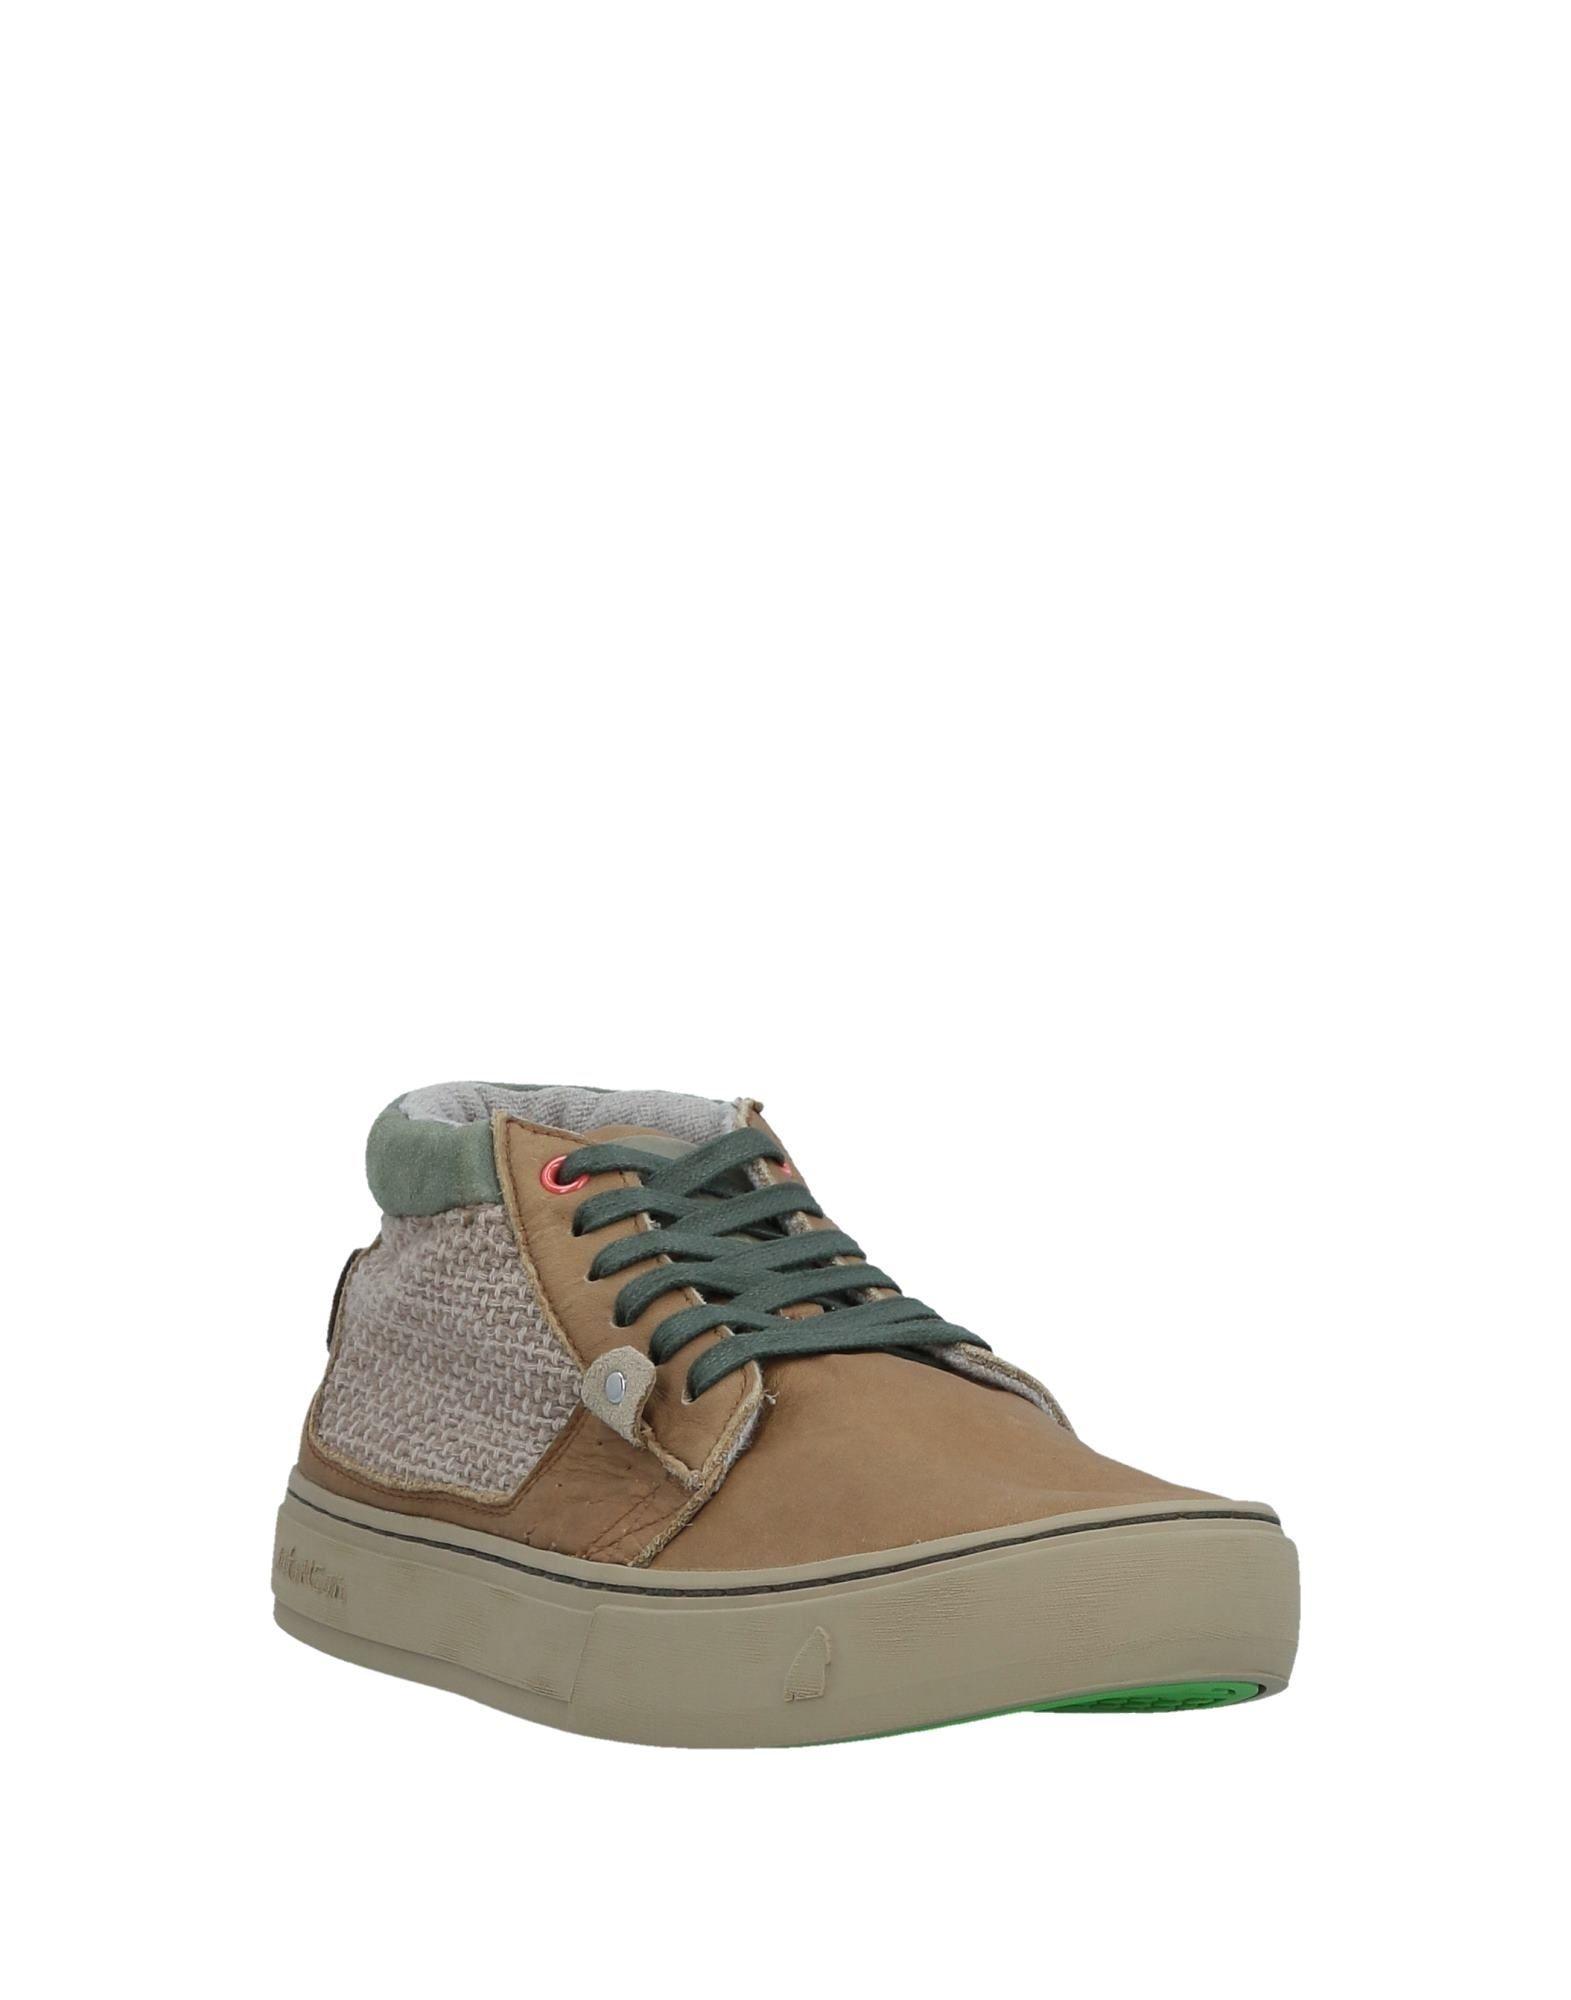 Rabatt echte  Schuhe Satorisan Sneakers Herren  echte 11517871QJ 990a95